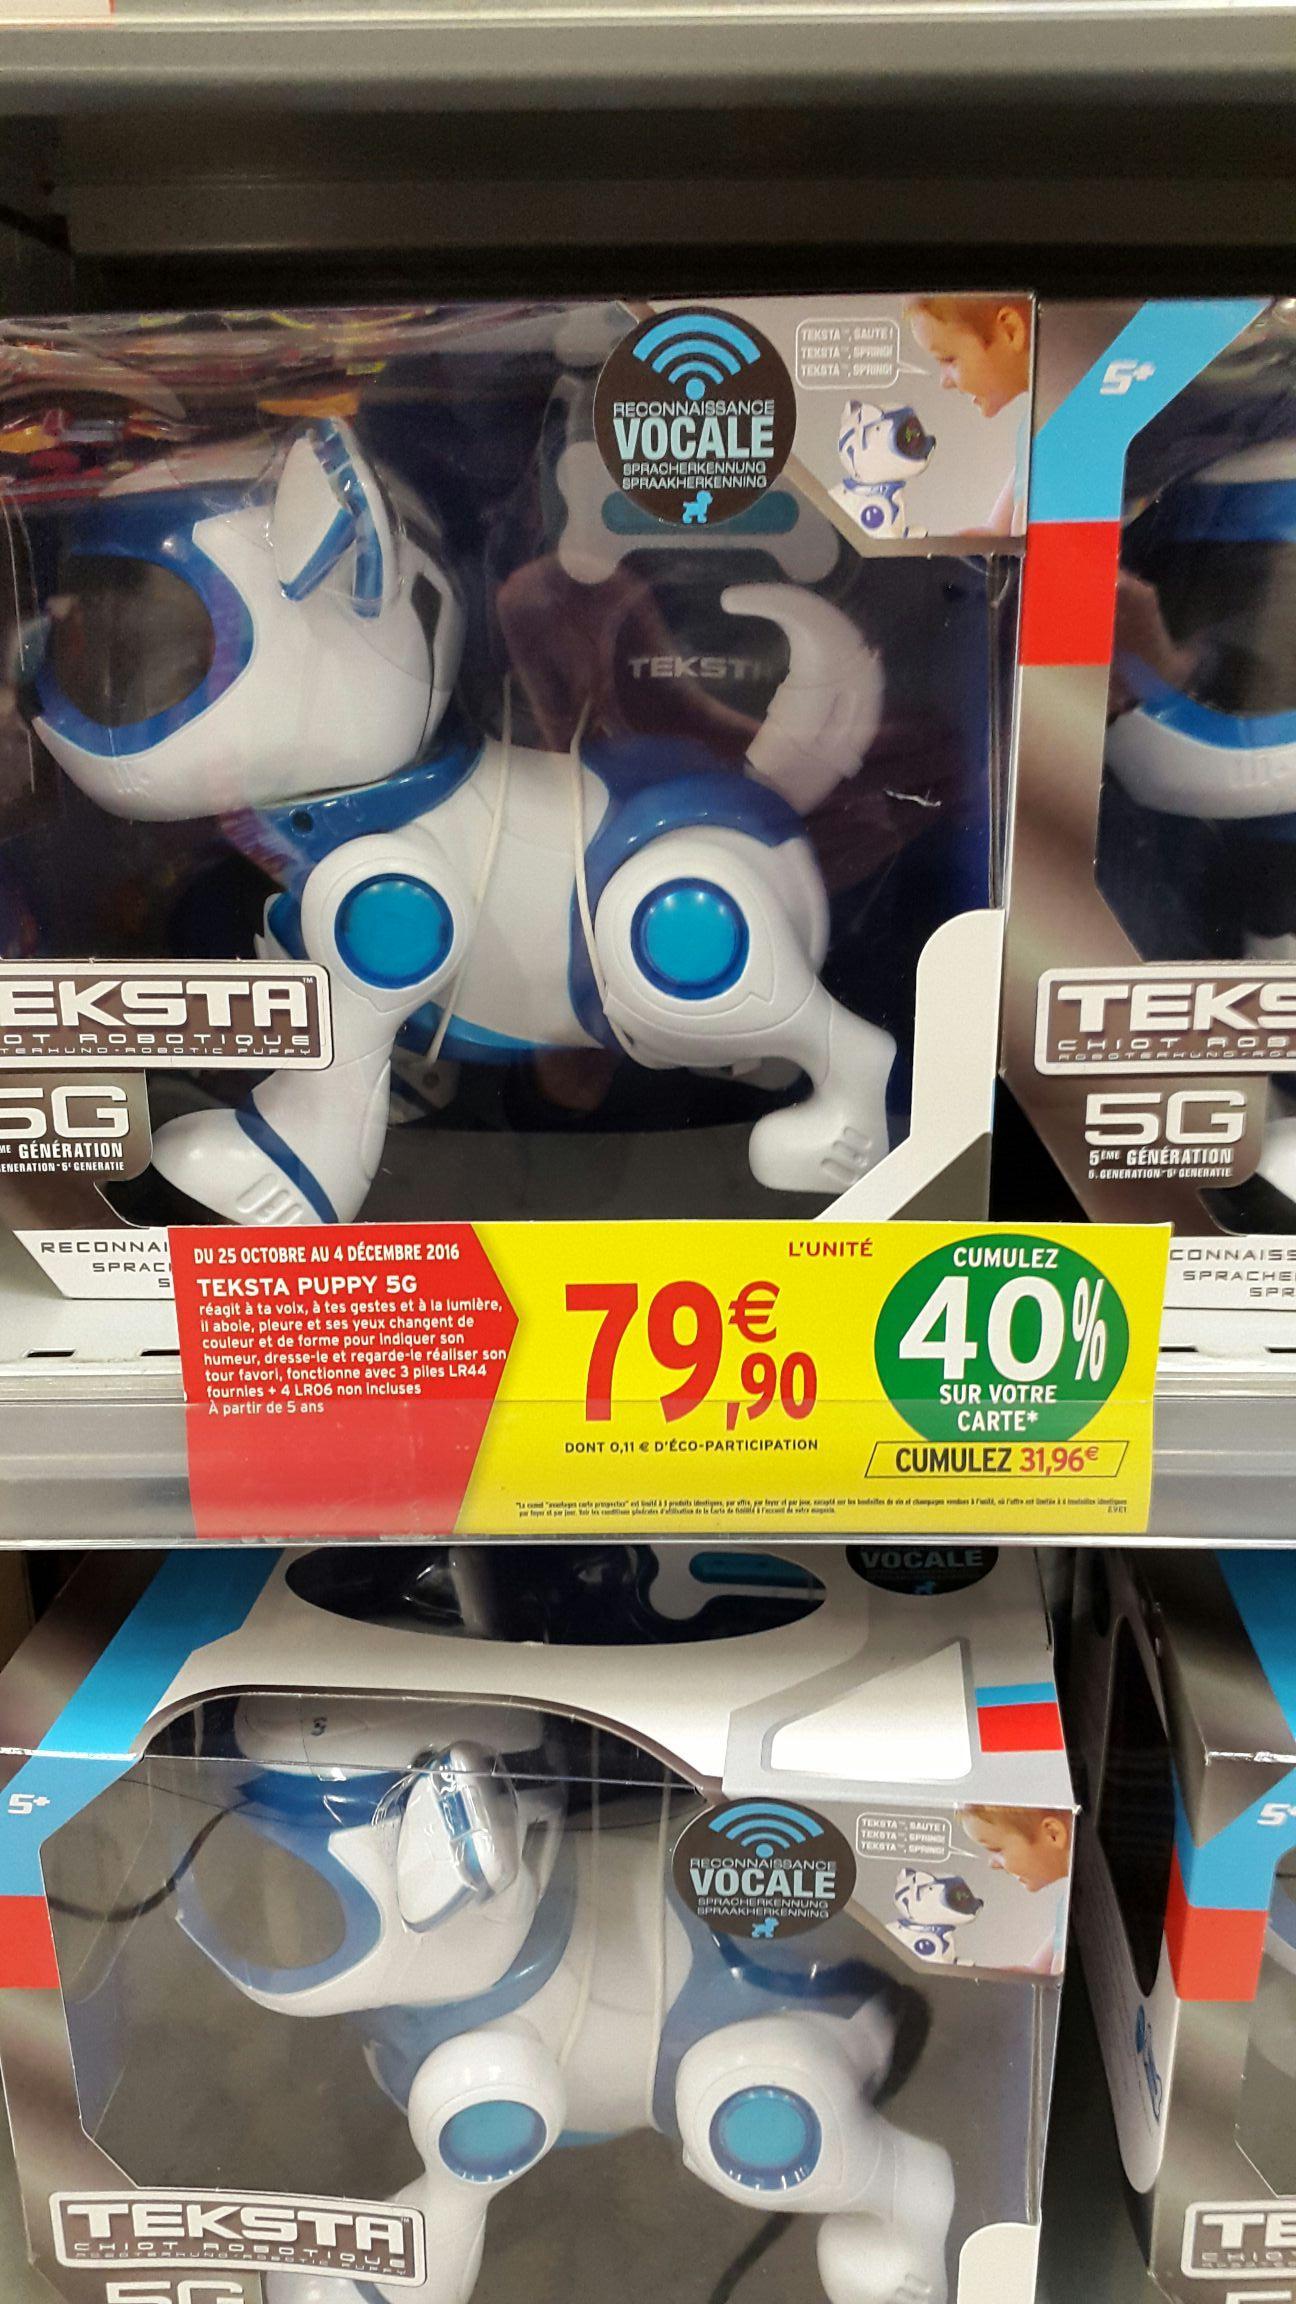 Robot chiot Teksta Puppy 5G (avec 31.96€ sur la carte de fidélité)